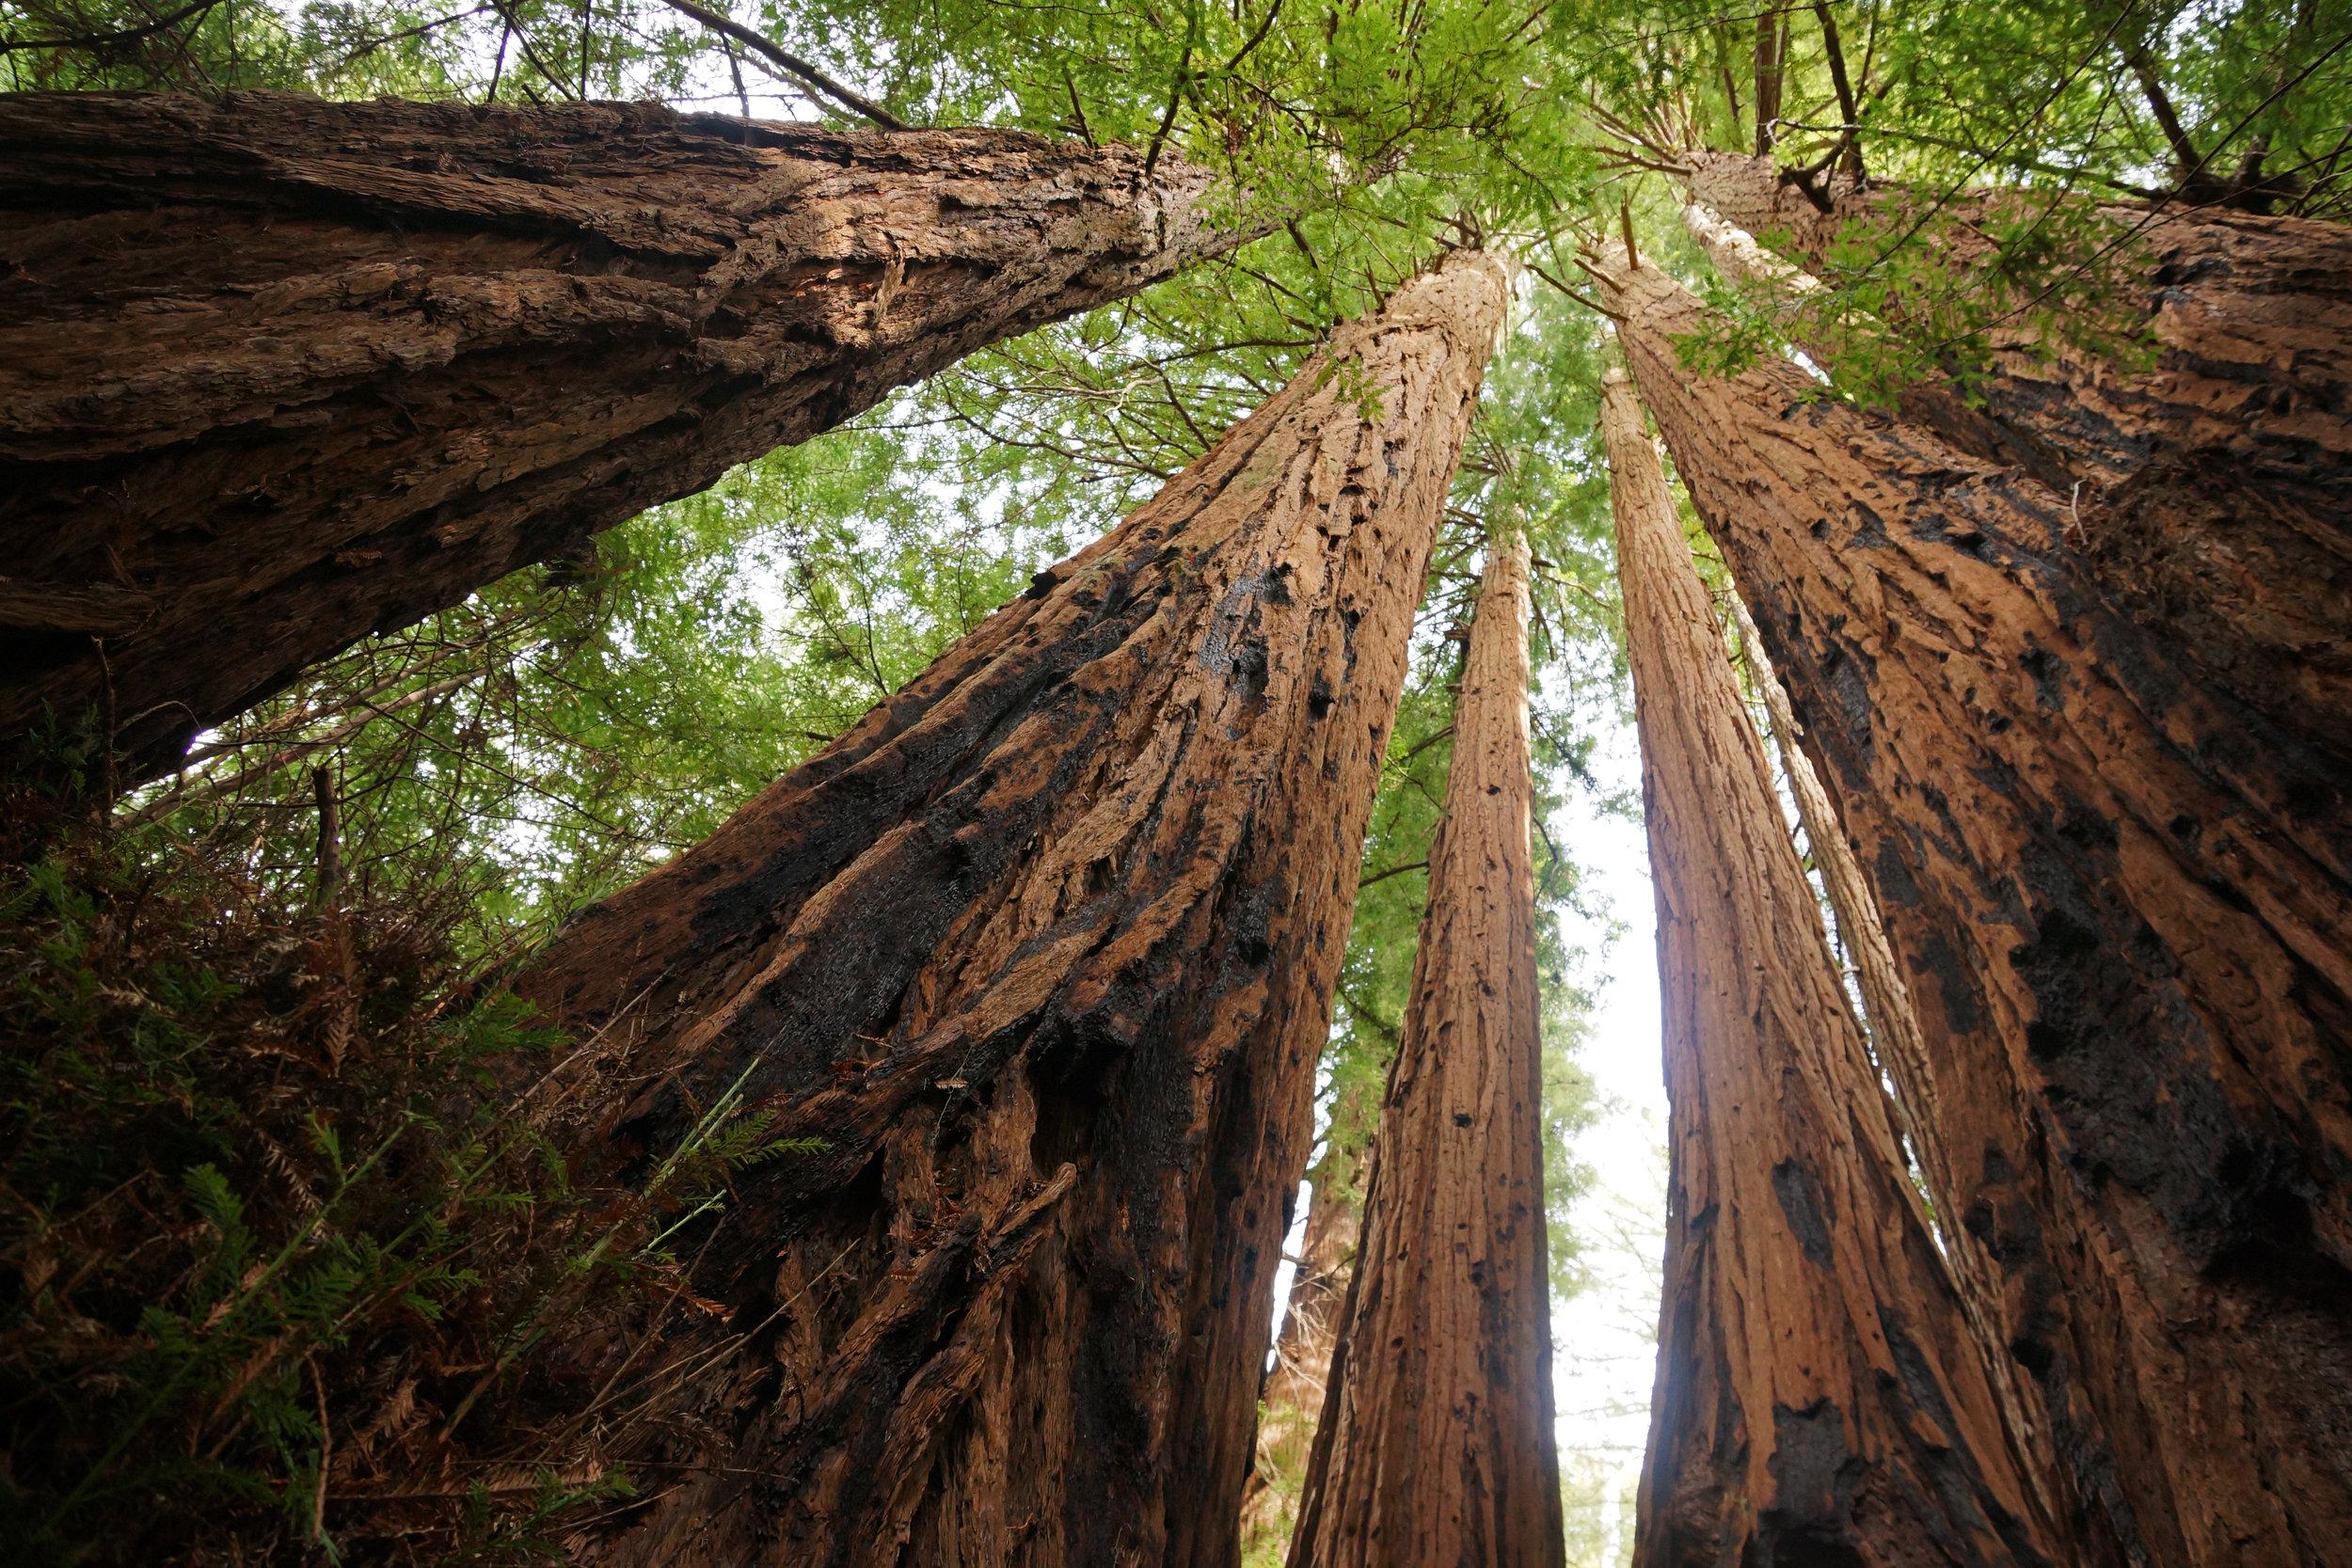 Sequoia_sempervirens_Big_Basin_Redwoods_State_Park_4.jpg